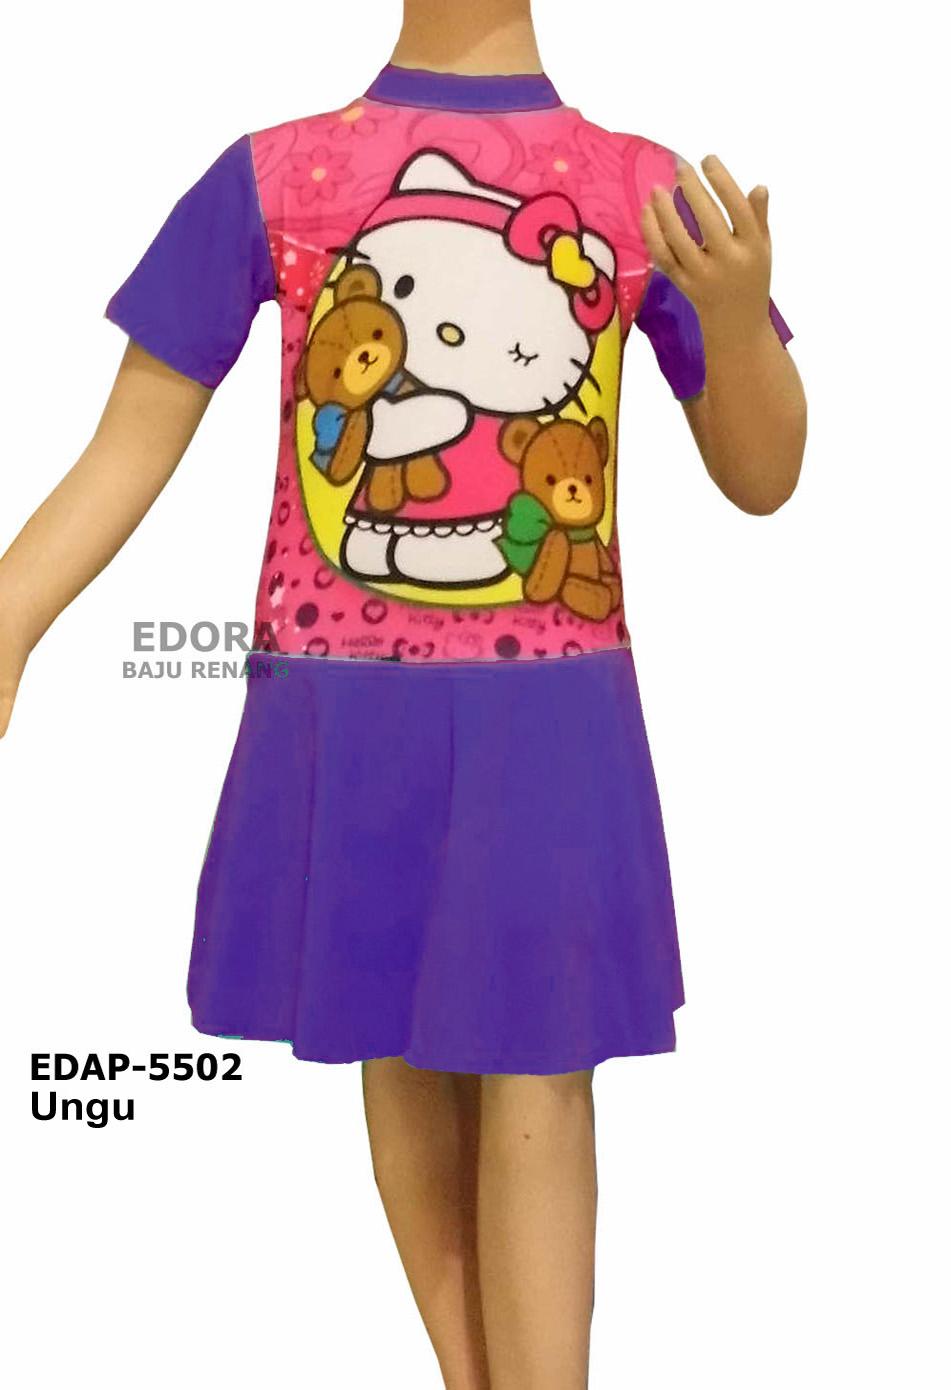 Baju Renang Anak Karakter Edap 79 Bed Mattress Sale